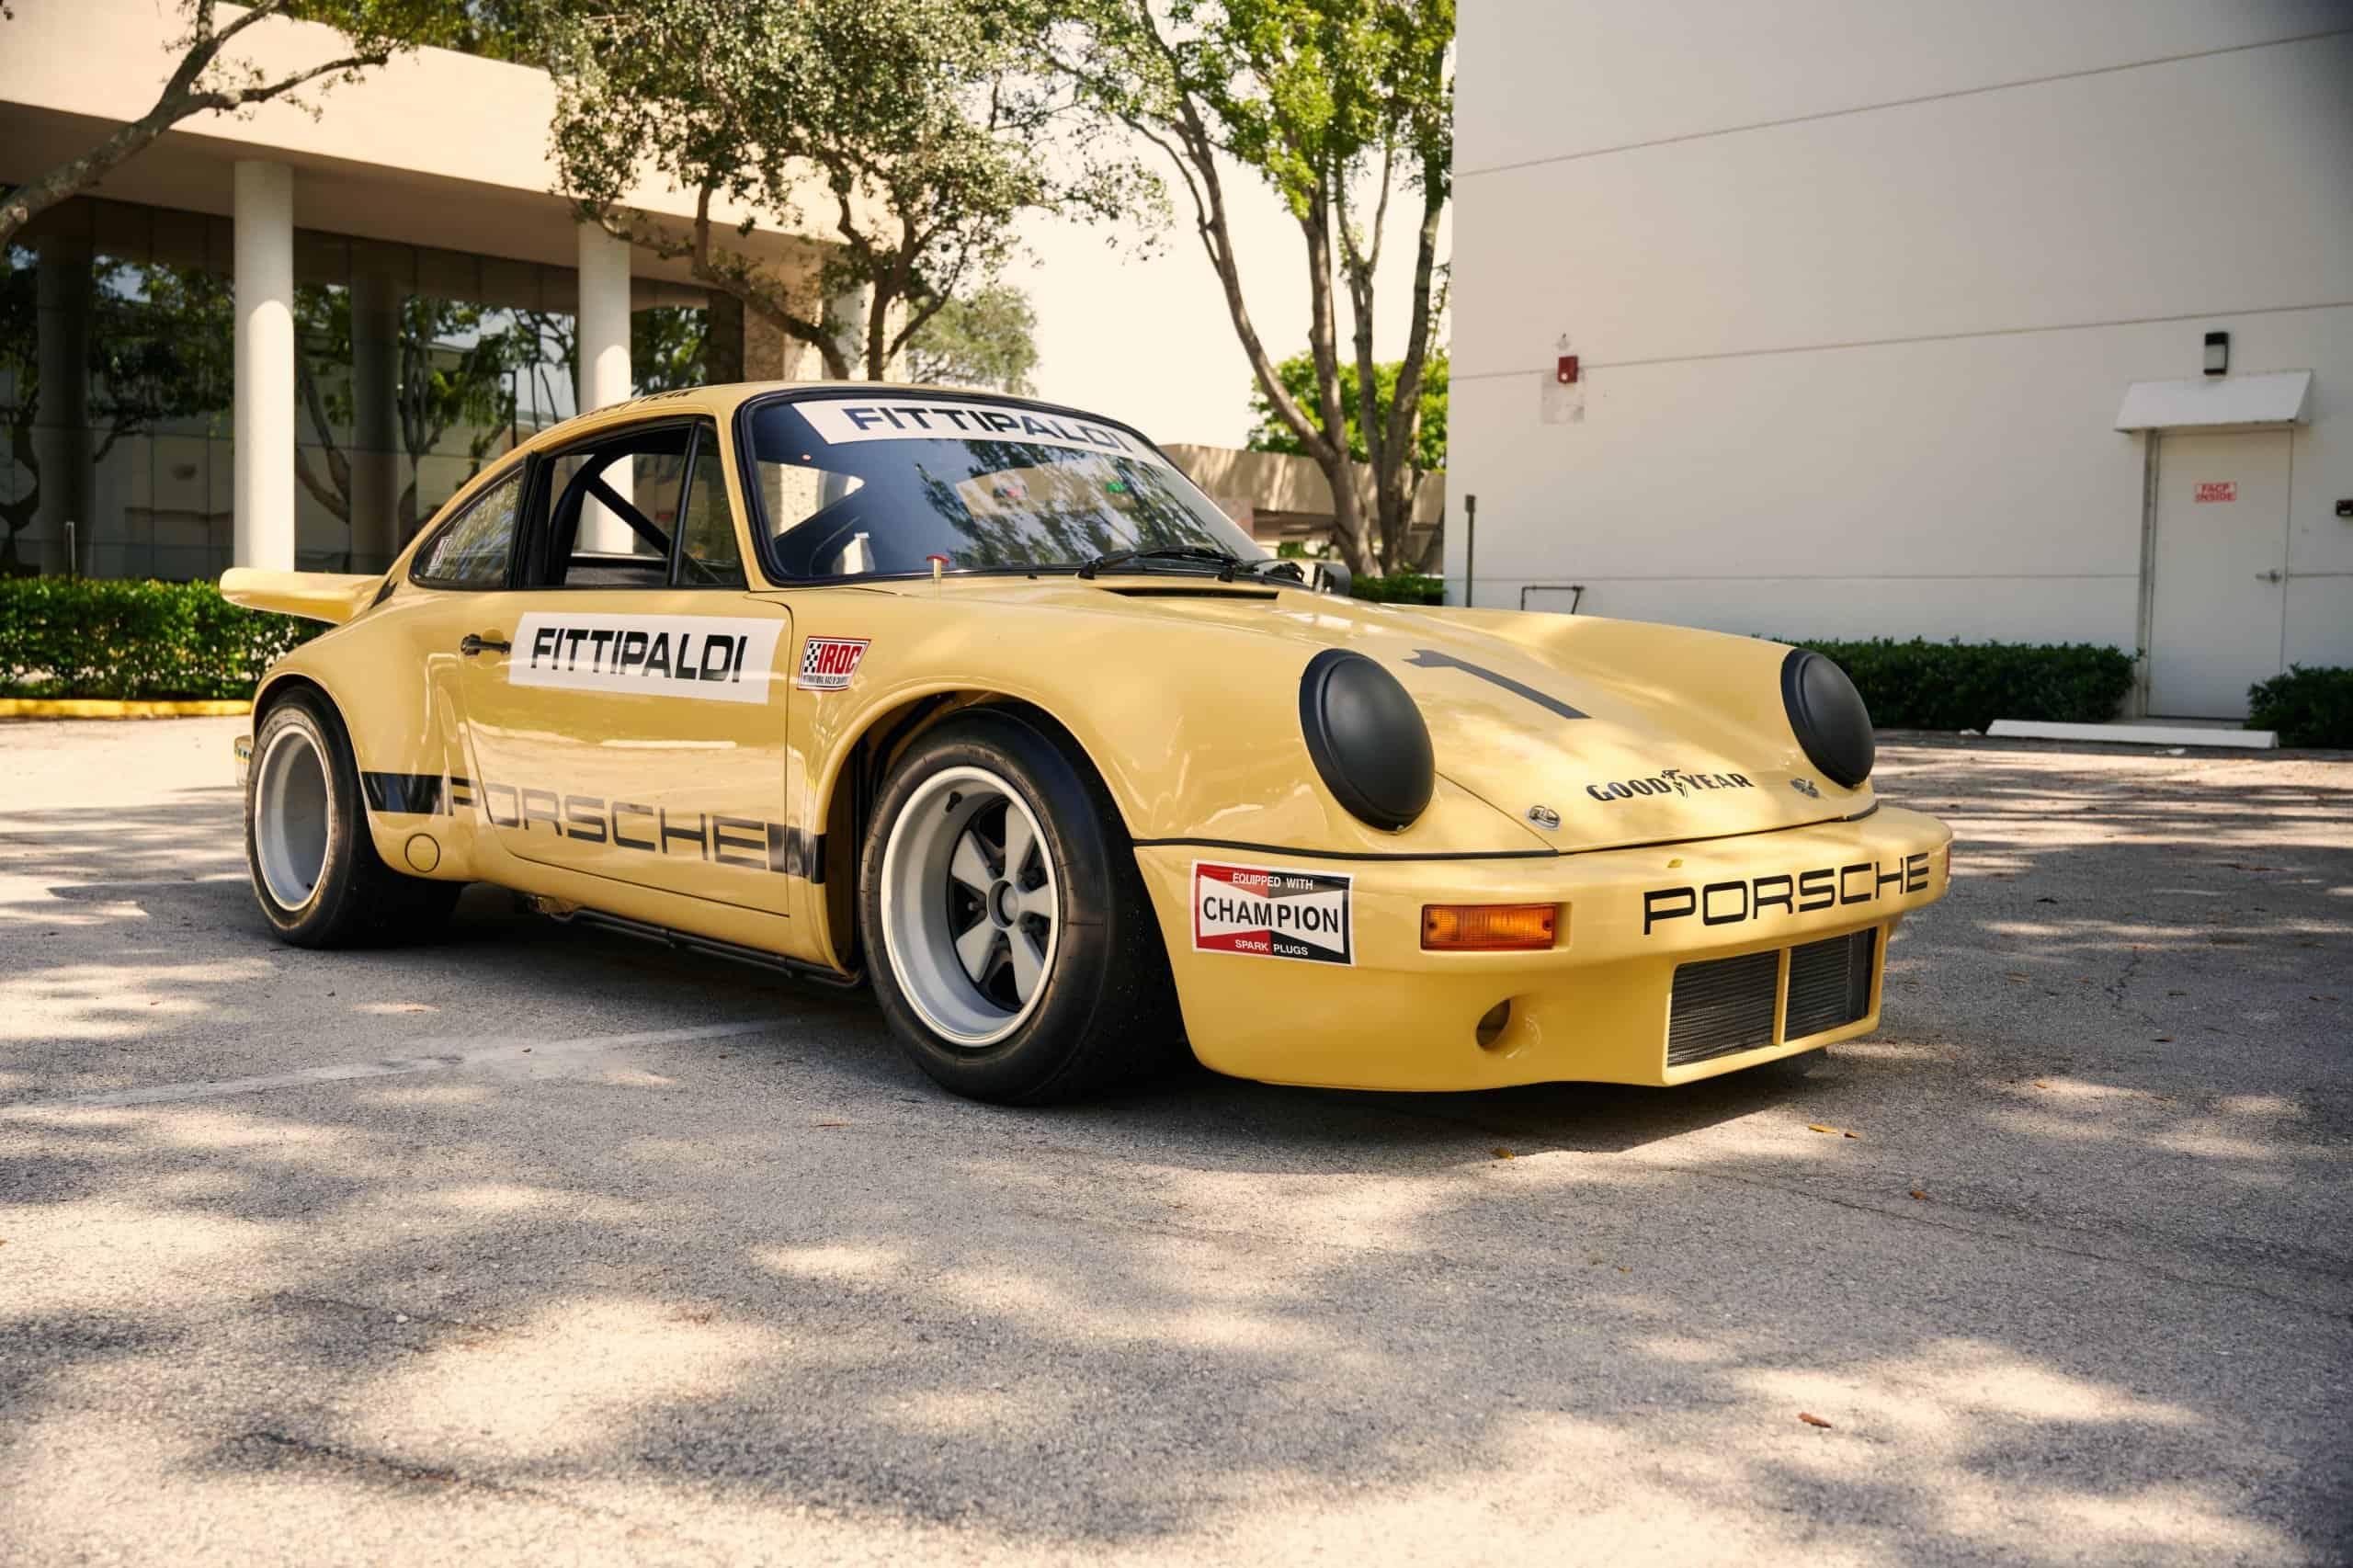 1974 Porsche 911 IROC RSR | Collecting Cars photos